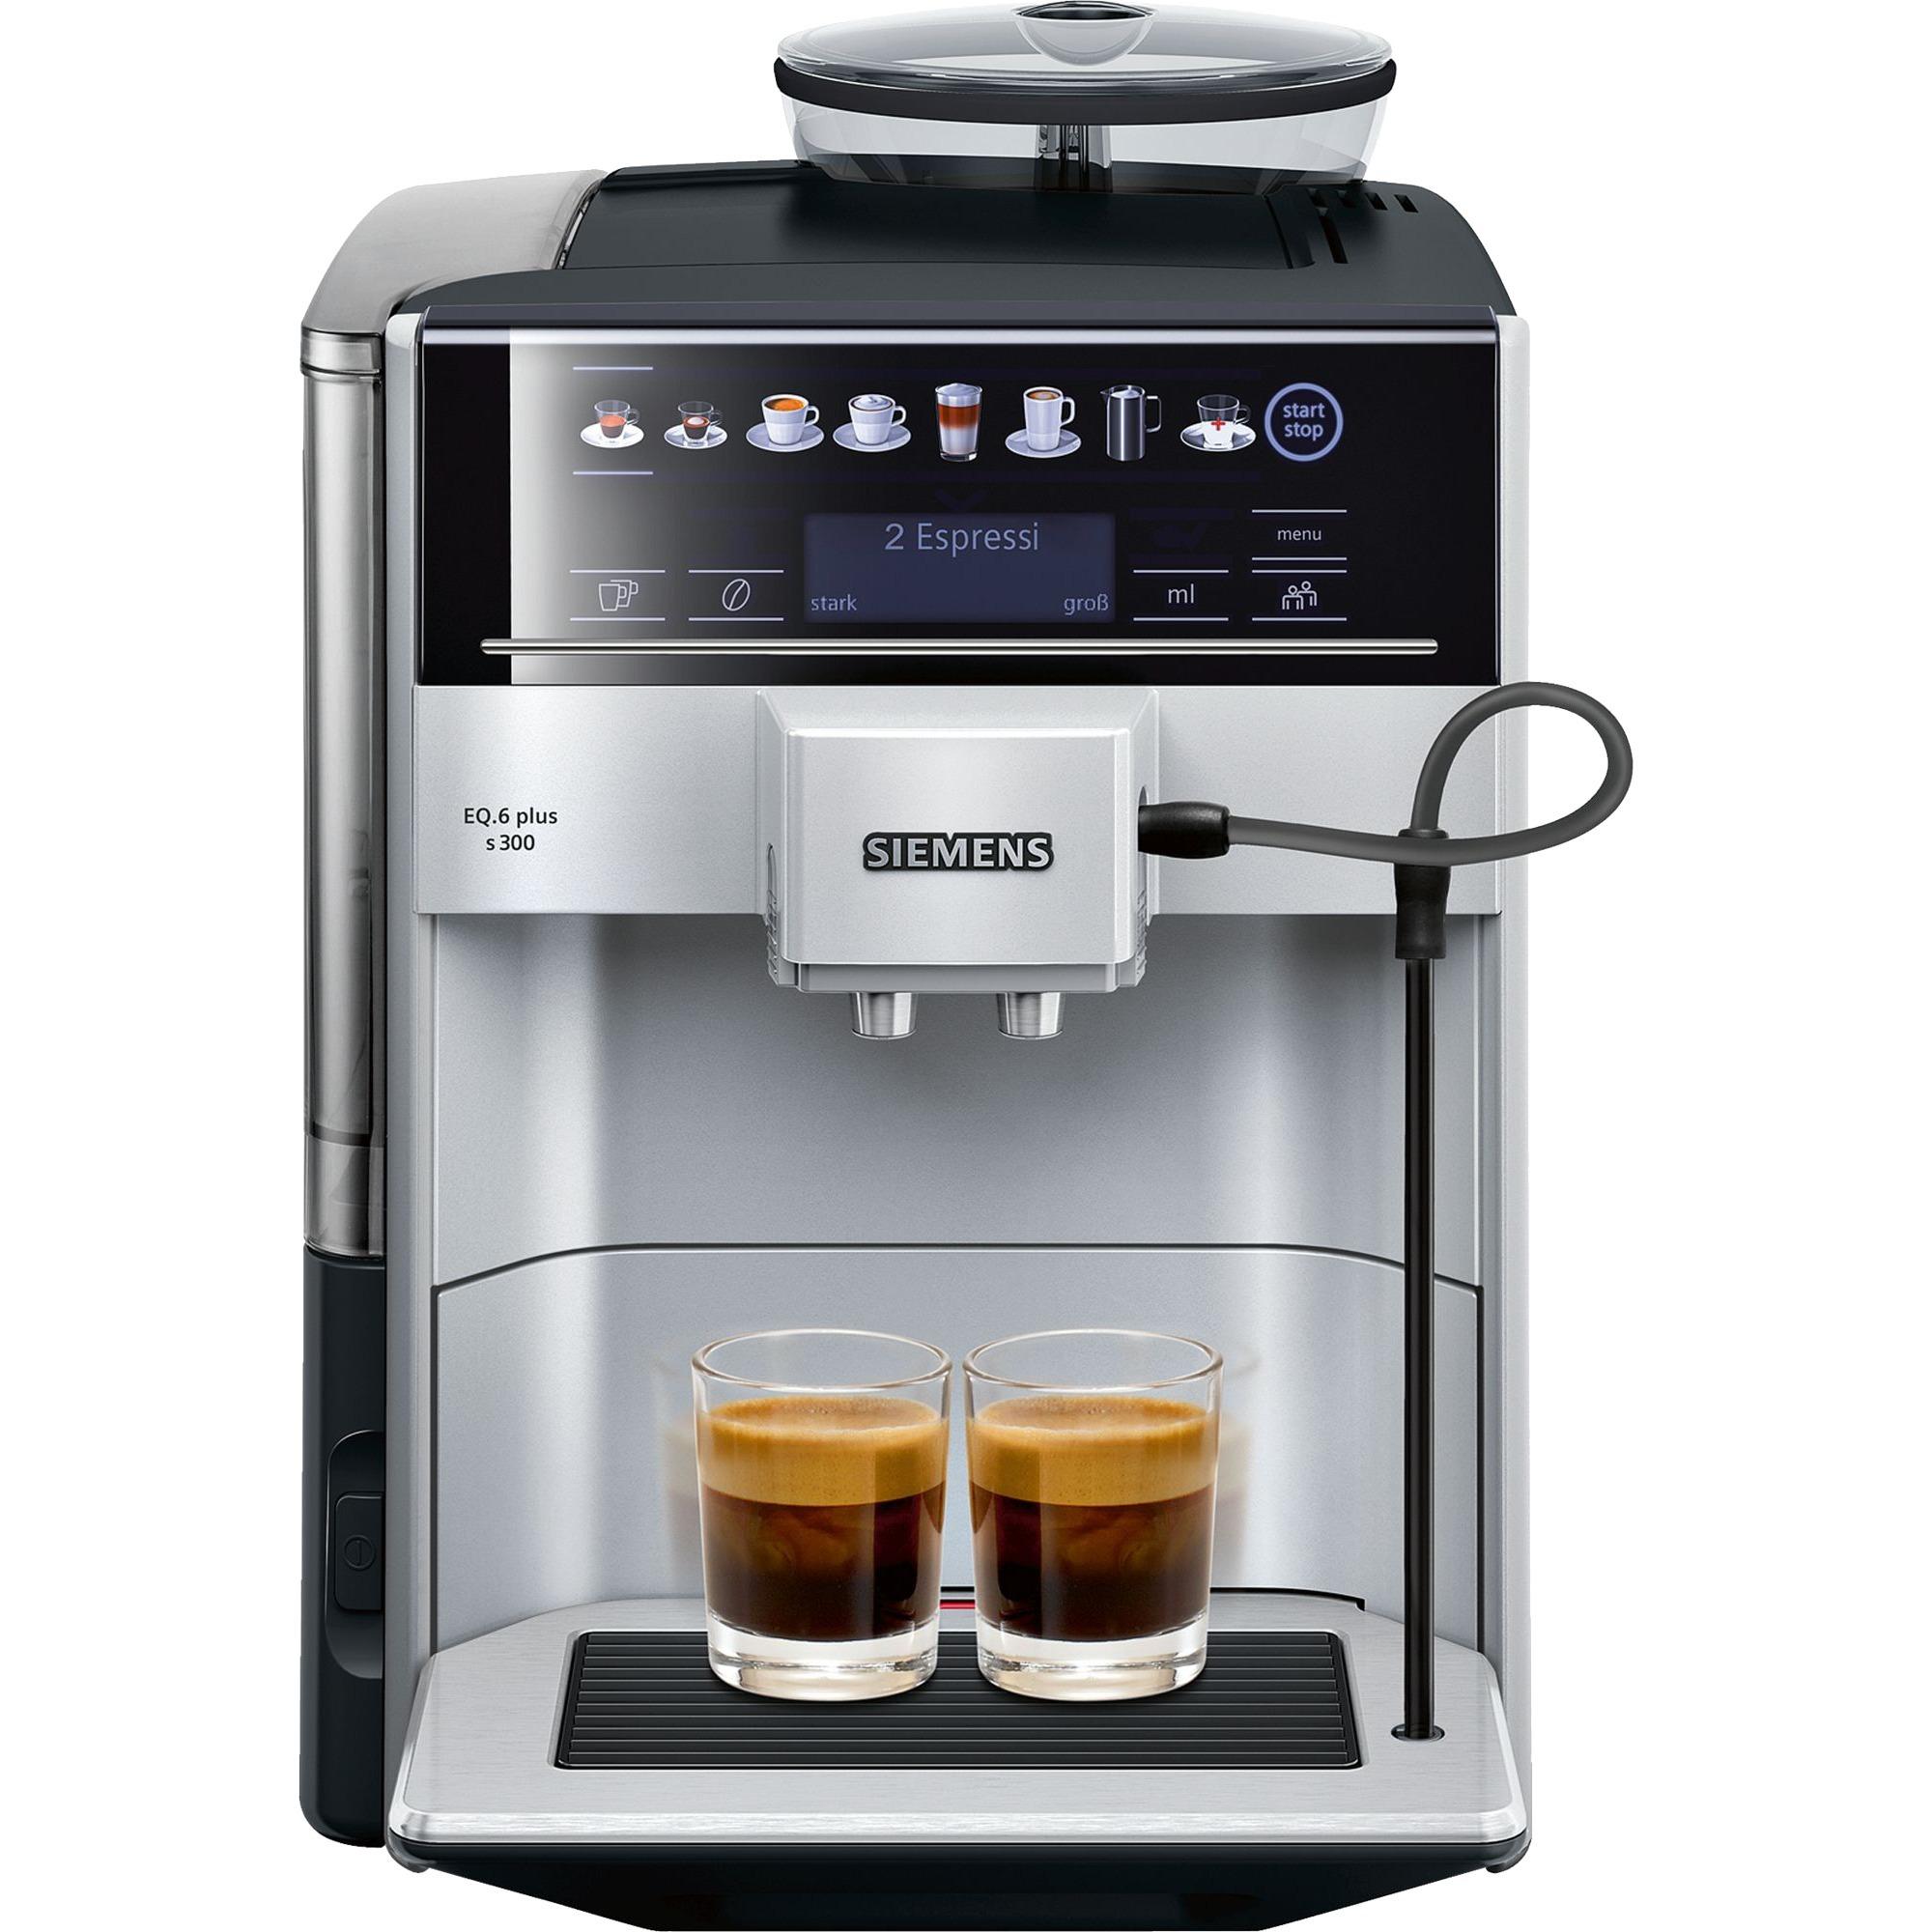 EQ.6 plus s300 Independiente Máquina espresso Negro, Gris 1,7 L 2 tazas Totalmente automática, Superautomática